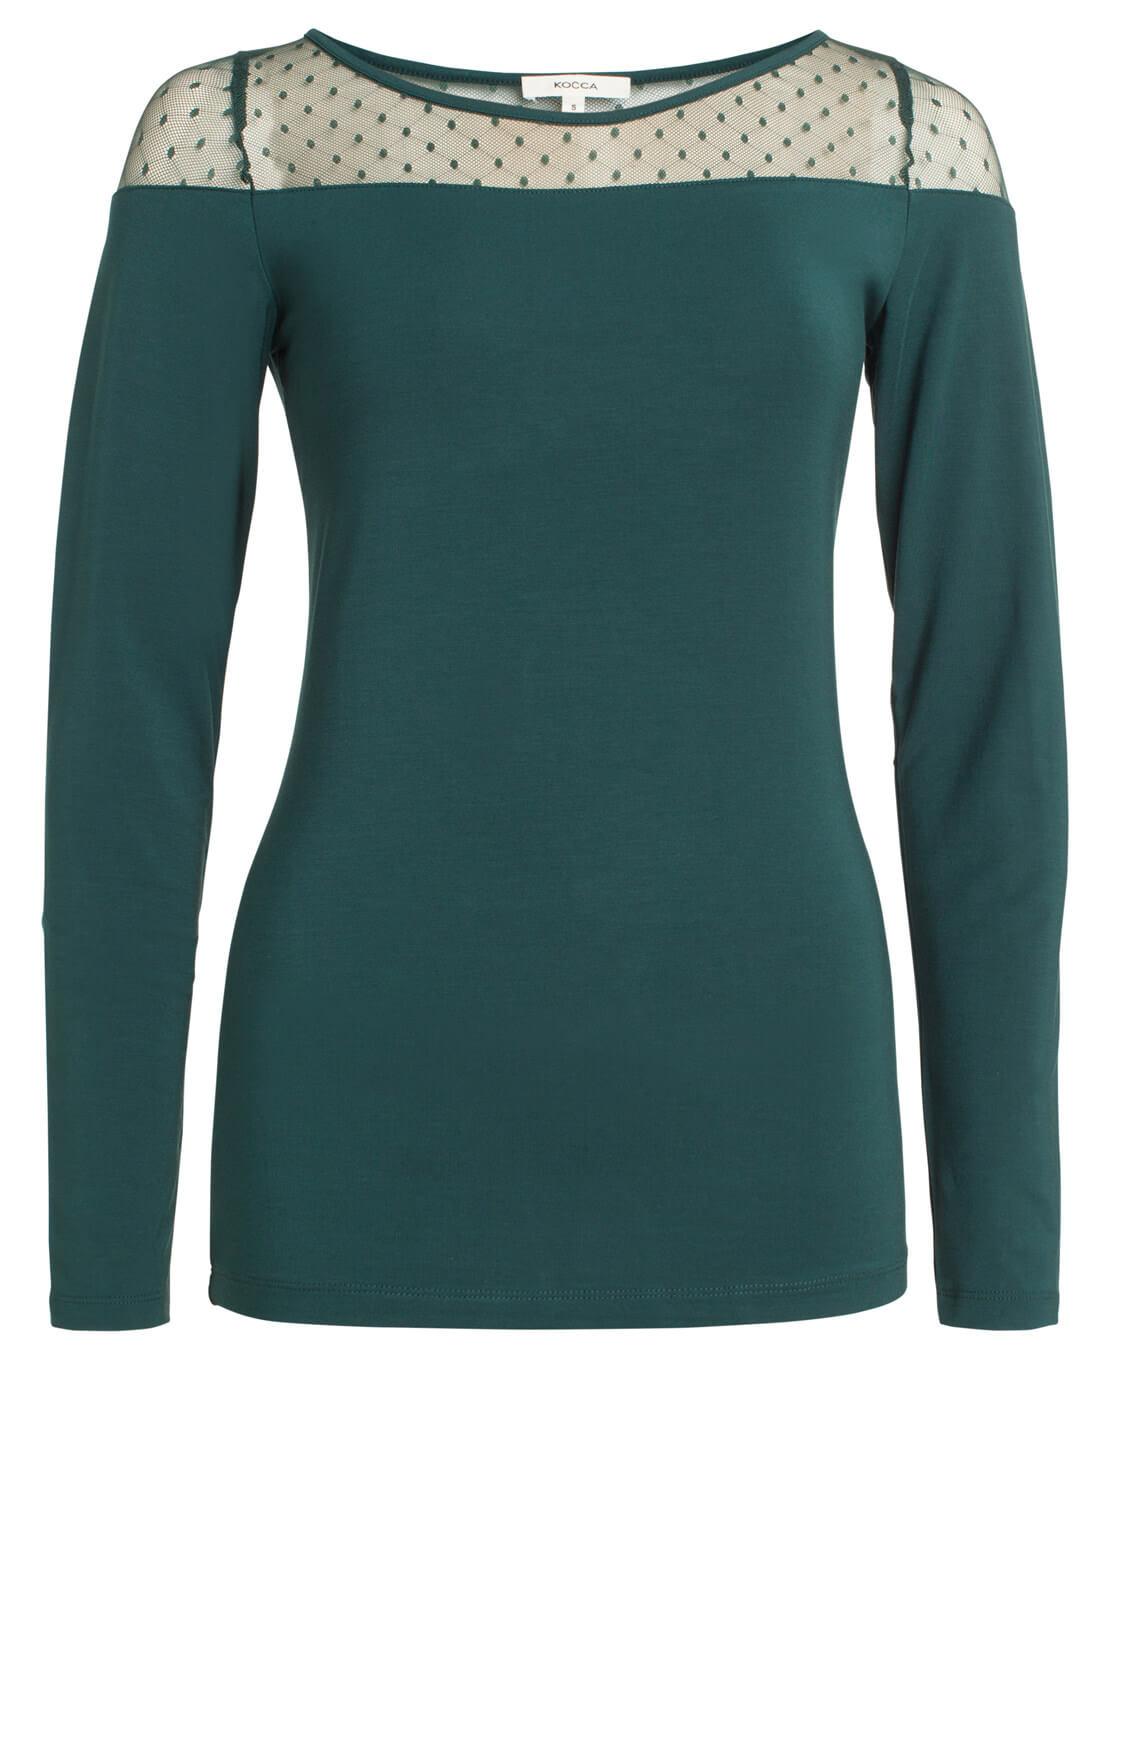 Kocca Dames Plus shirt met stippen groen